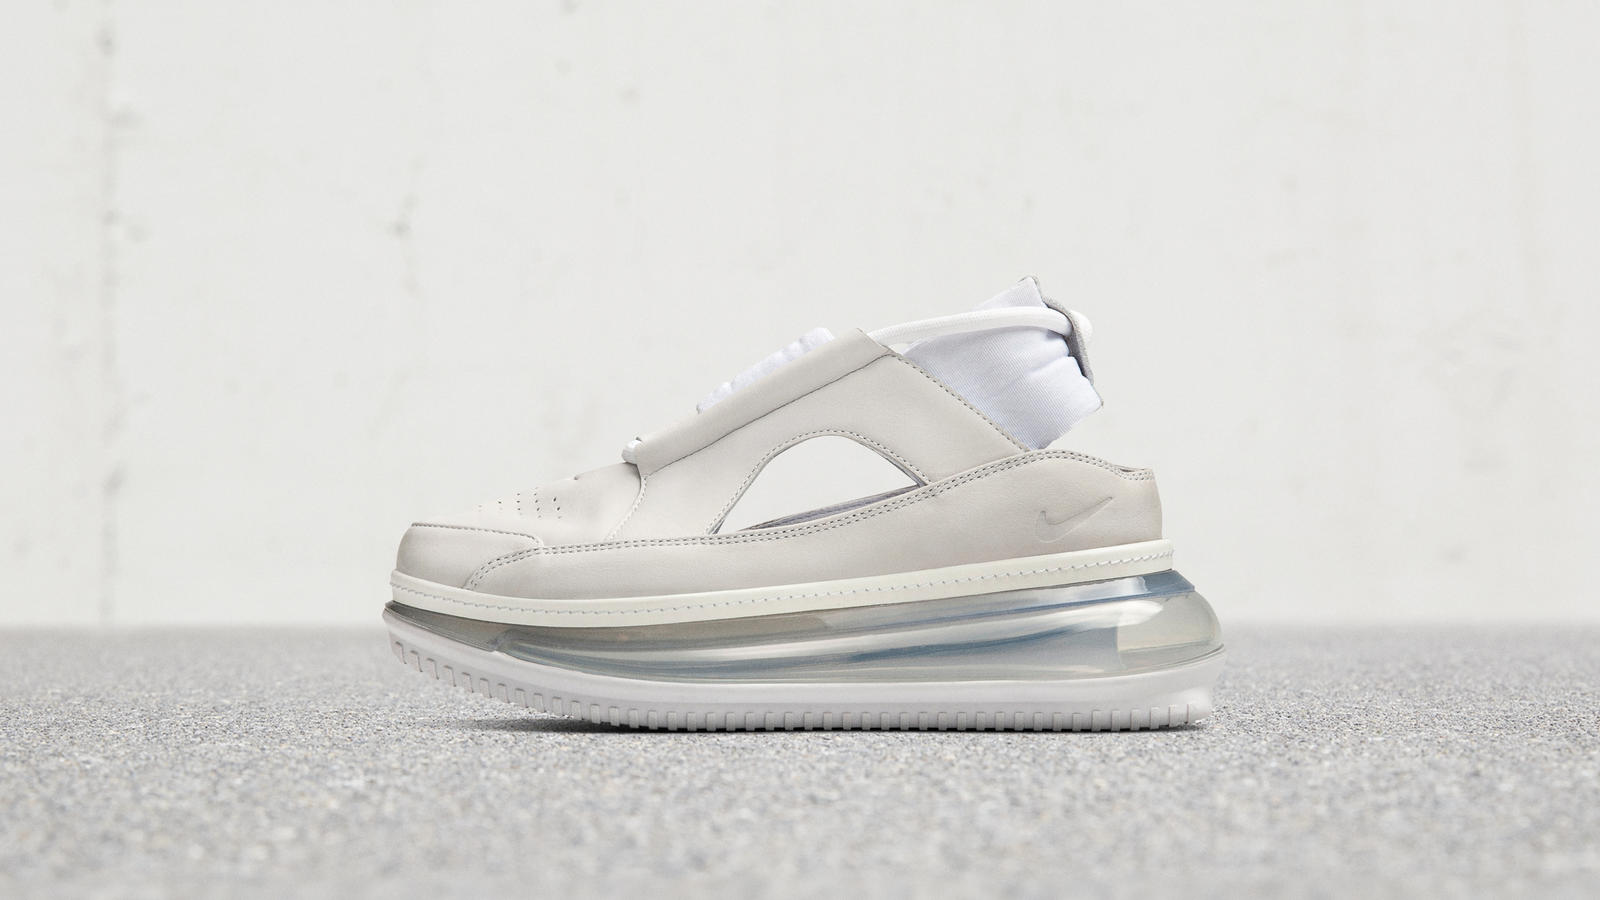 NIKE Sneakers Footwear | YOOX.COM